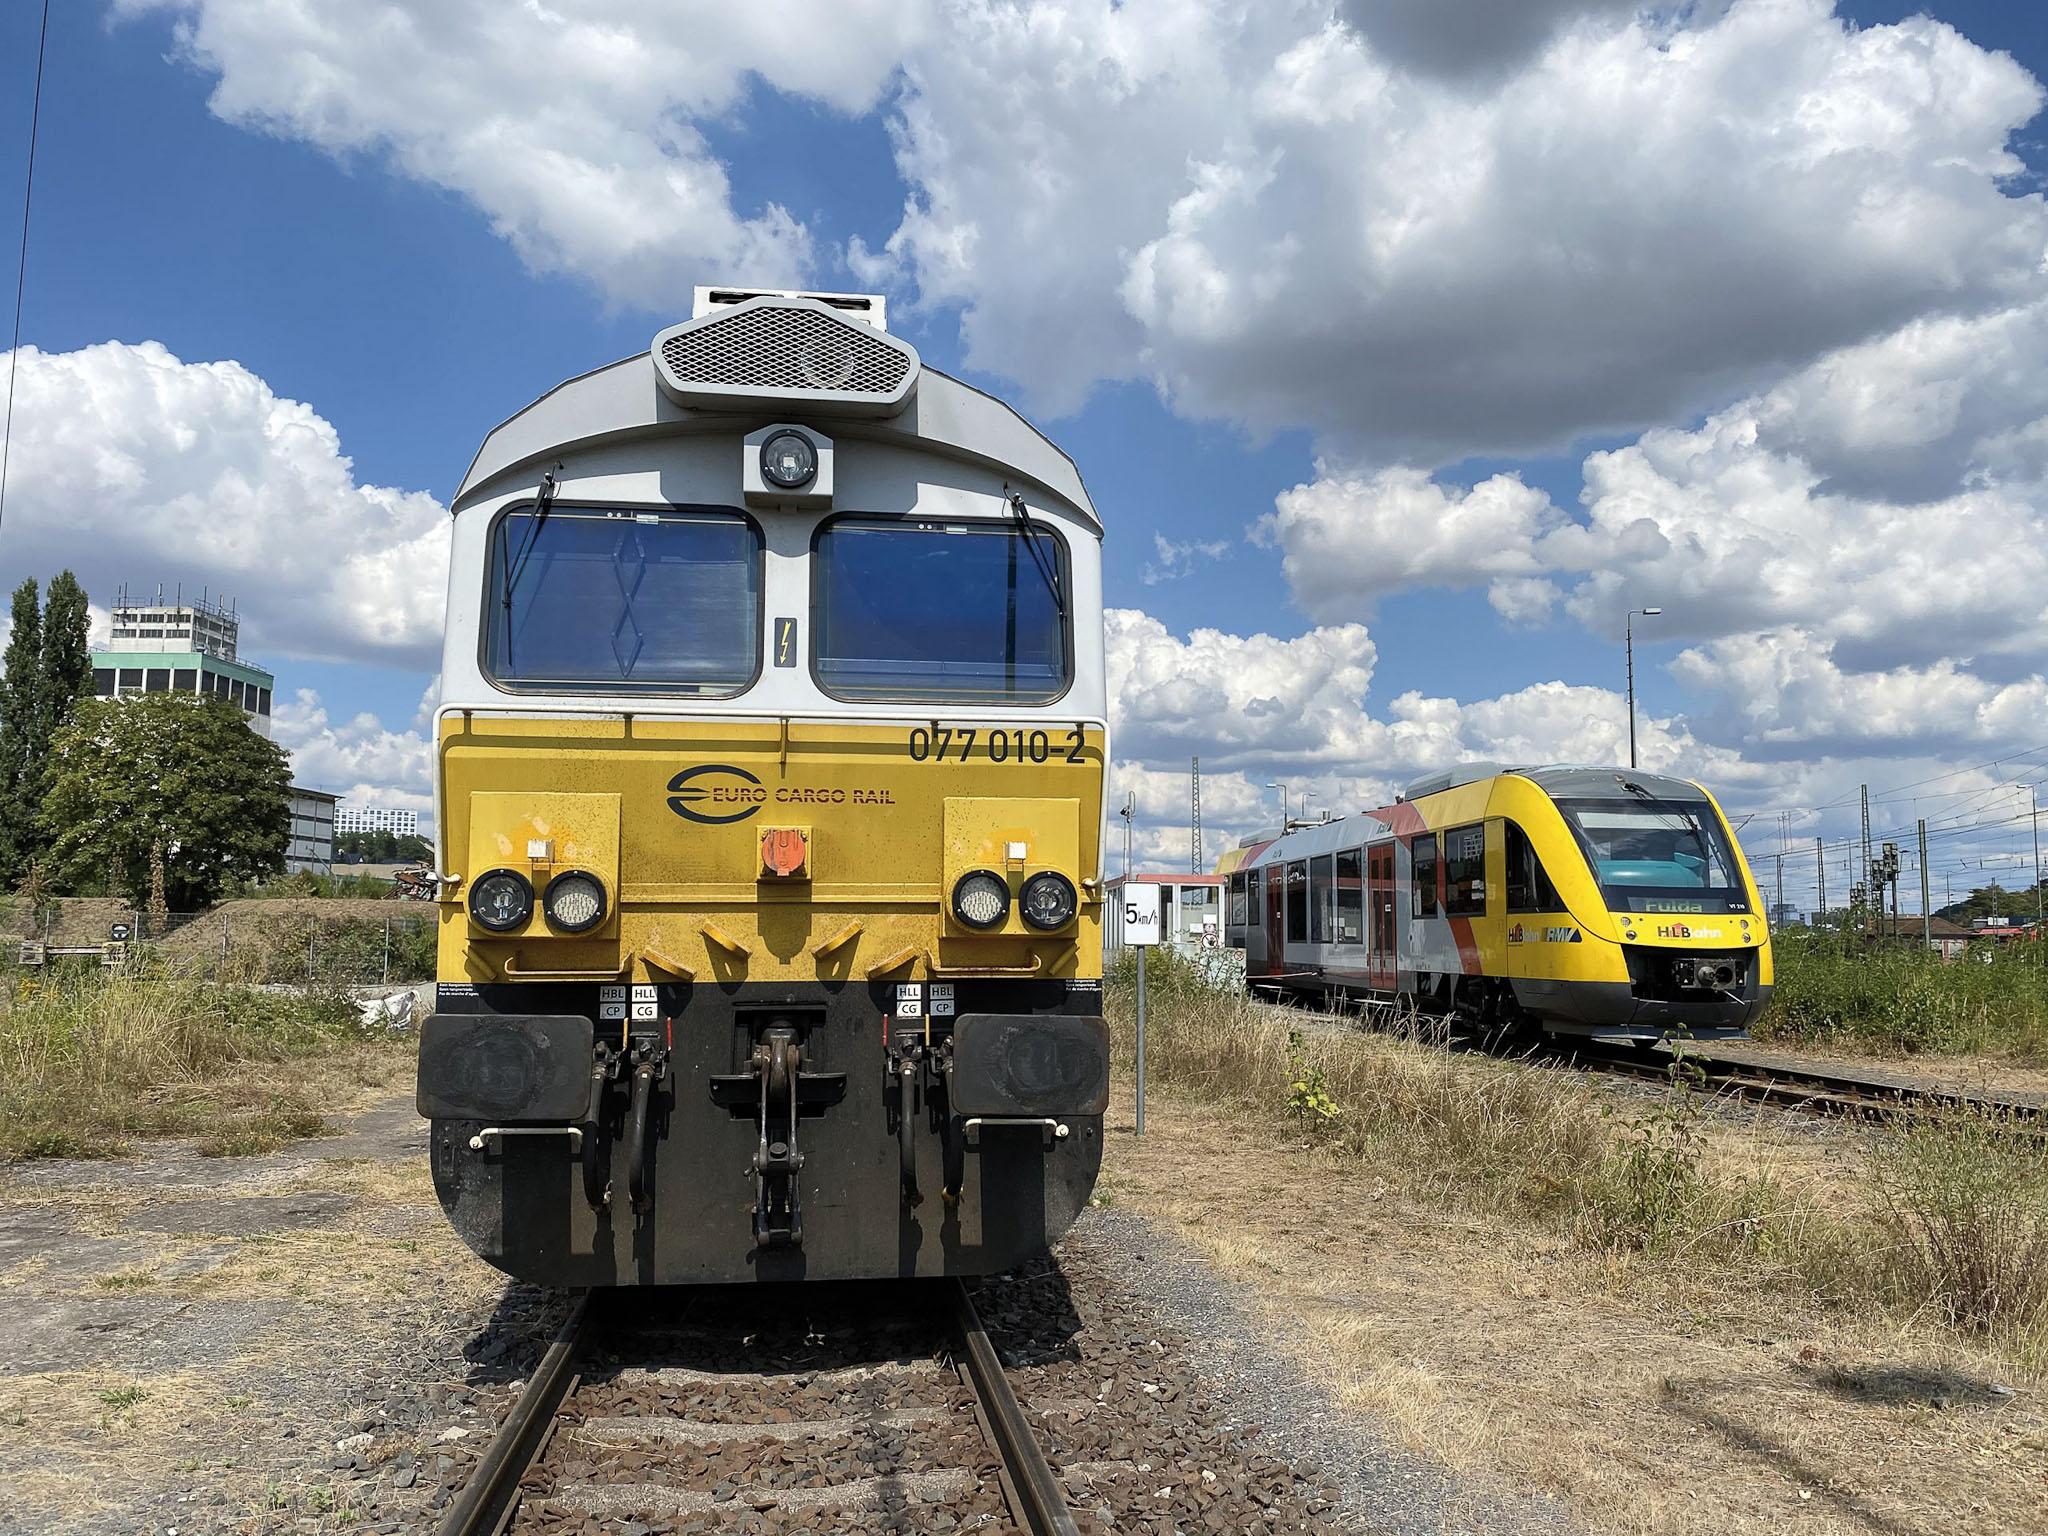 ©Foto: Jan Krehl   railmen   Limburg Lahn - Die im britischen Lichtraumprofil gebaute Lok (JT42CWRM) fährt mit 2350 KW auf 6 Achsen und wird für den Tonzugverkehr im Westerwald eingesetzt. Der LINT 27 (rechts) gehört zur HLB Flotte.